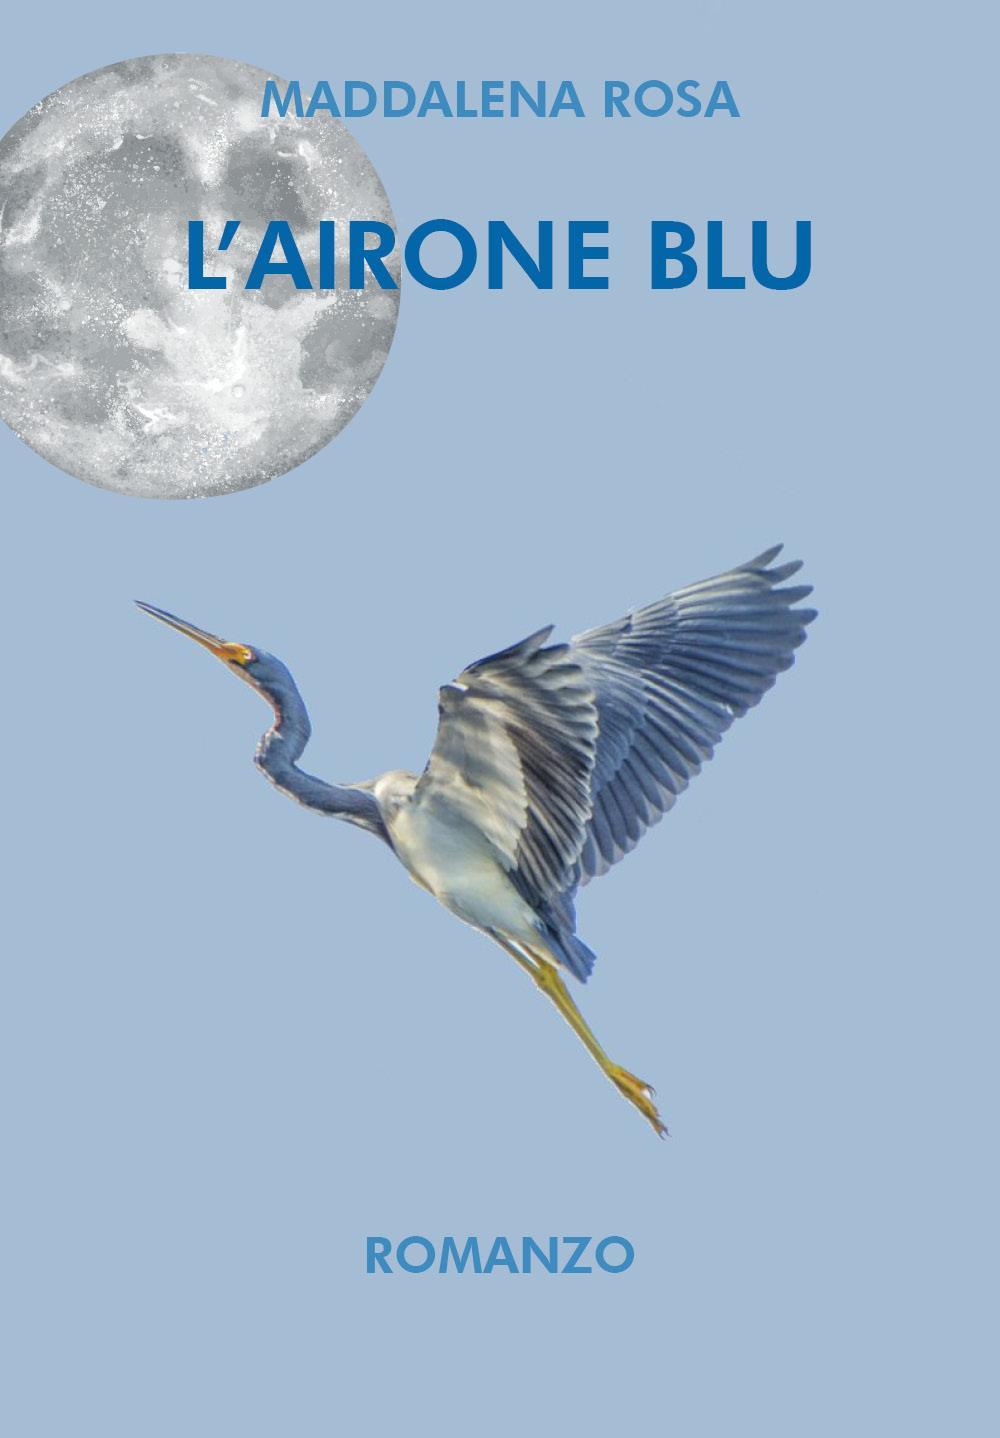 L'airone blu